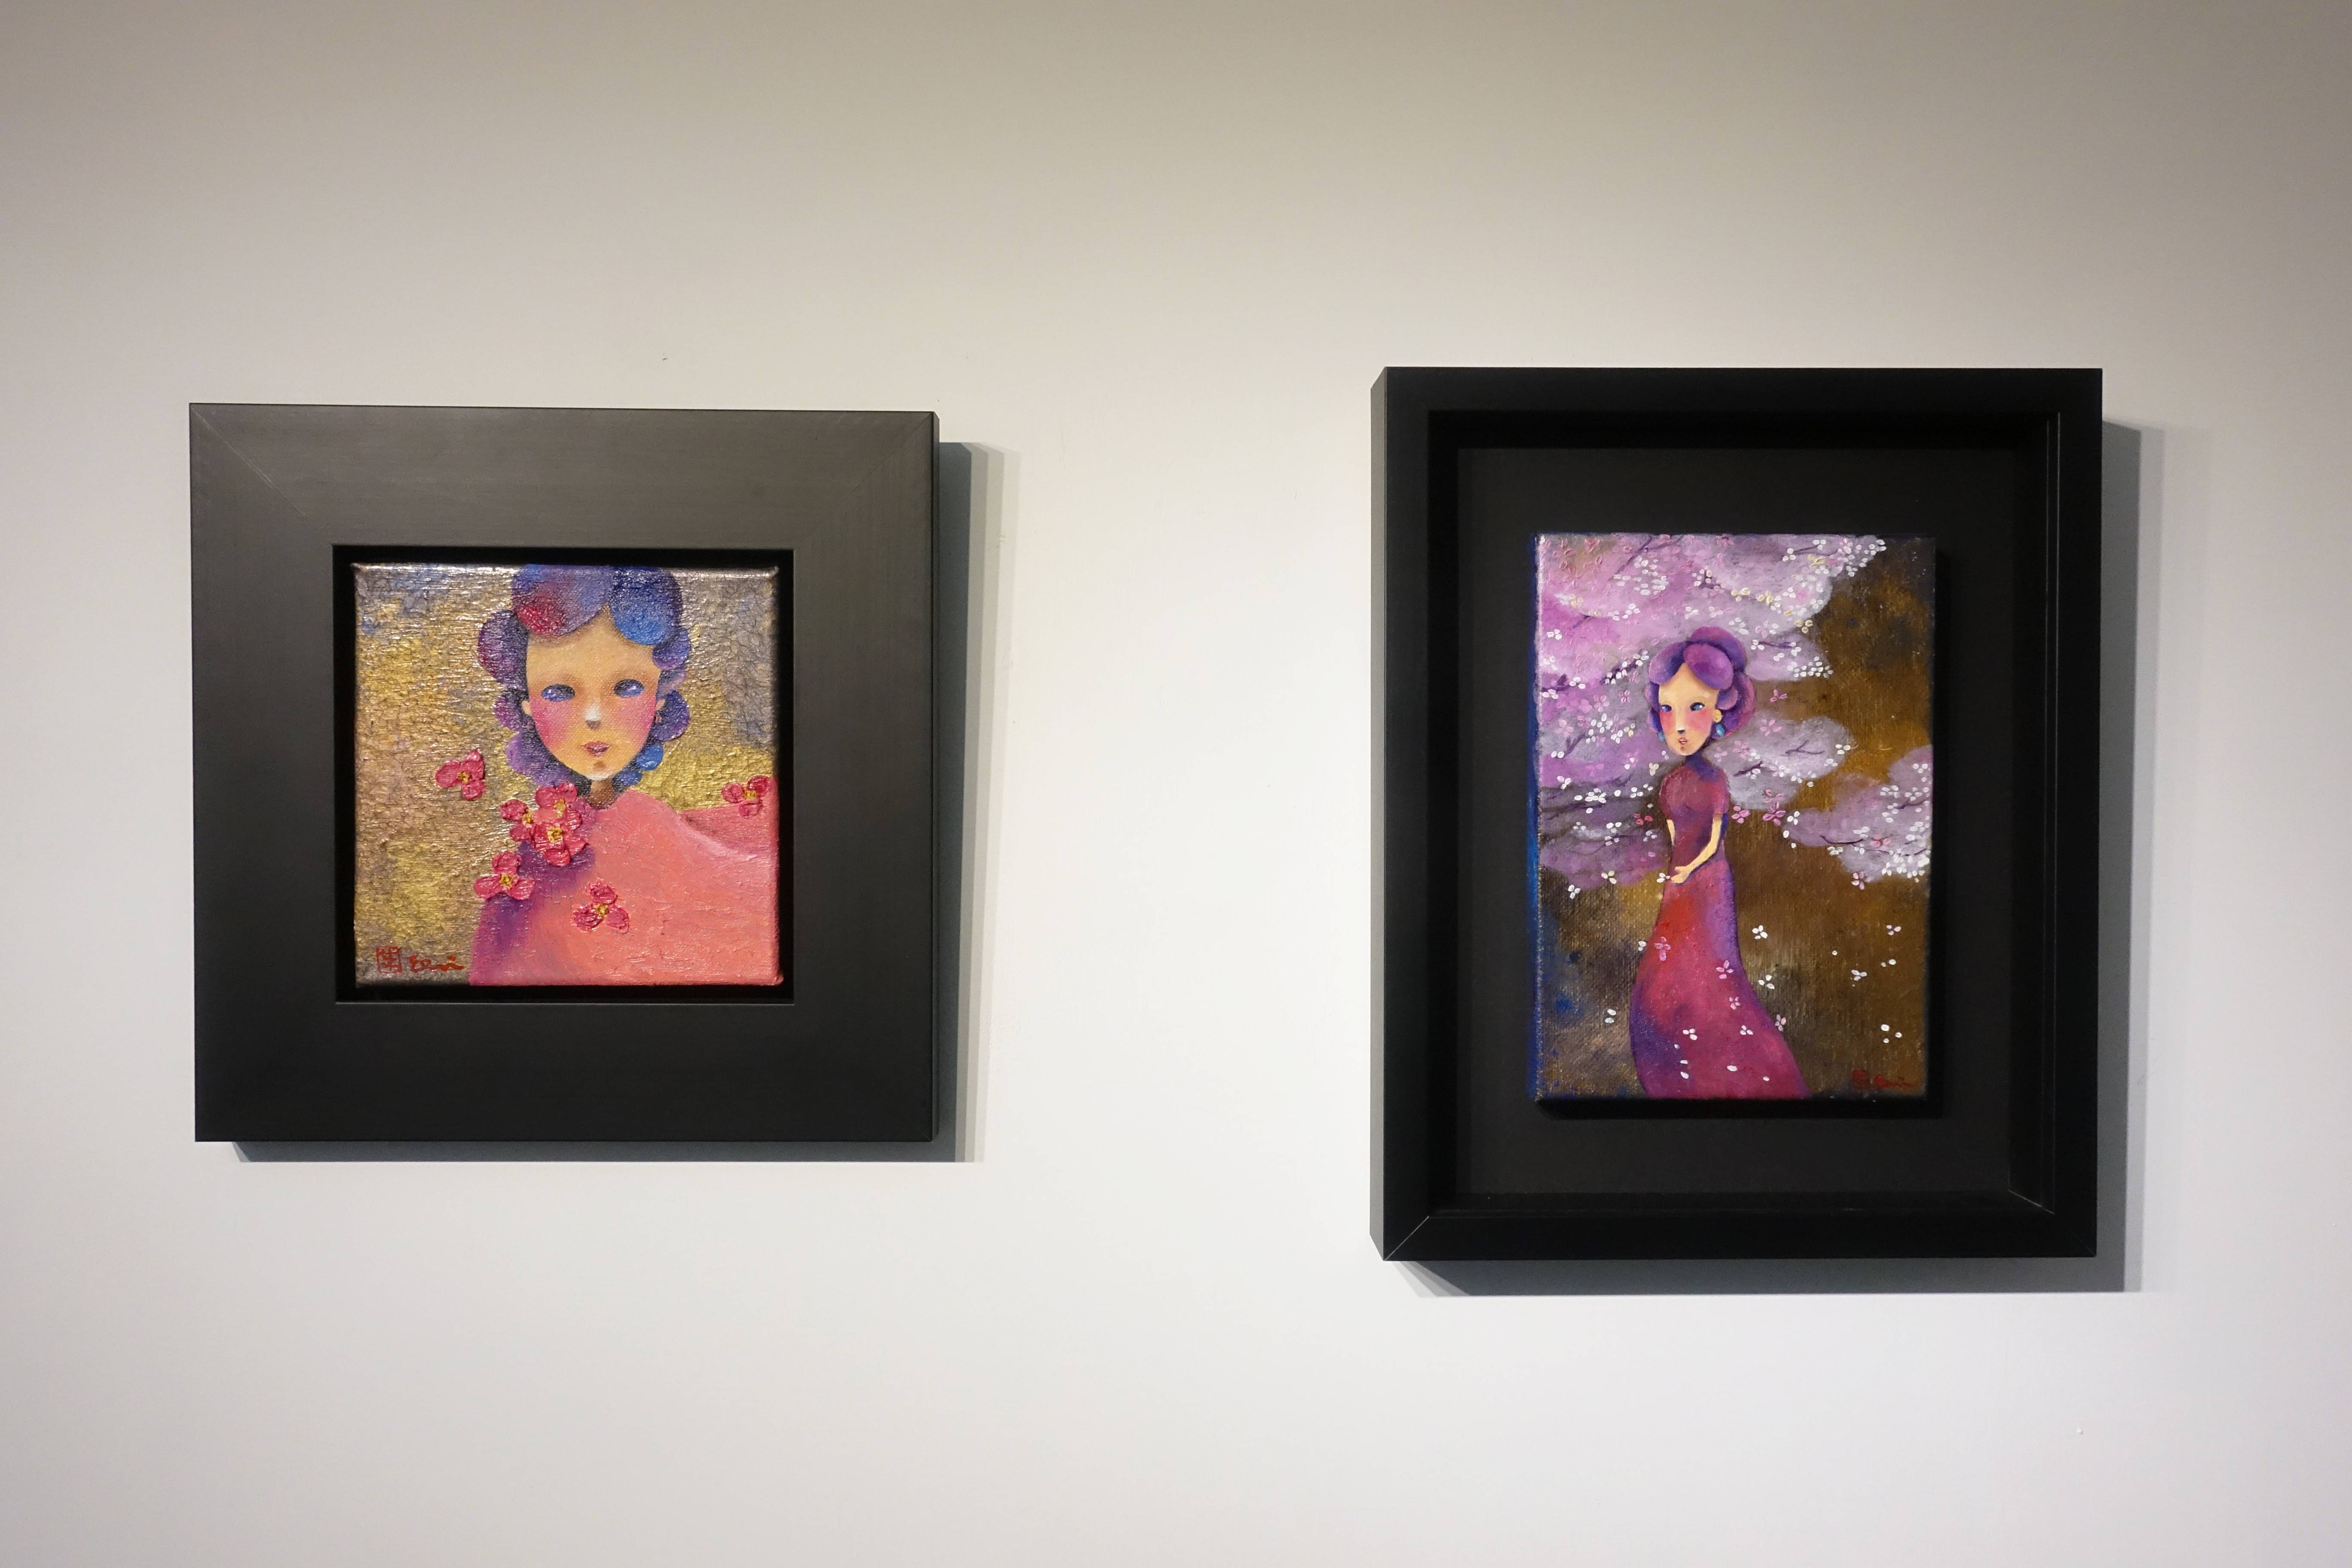 東明相,《我擁有你(老娘NO.28)左》《櫻花雨夜(老娘NO.24)右》,油畫,2018。